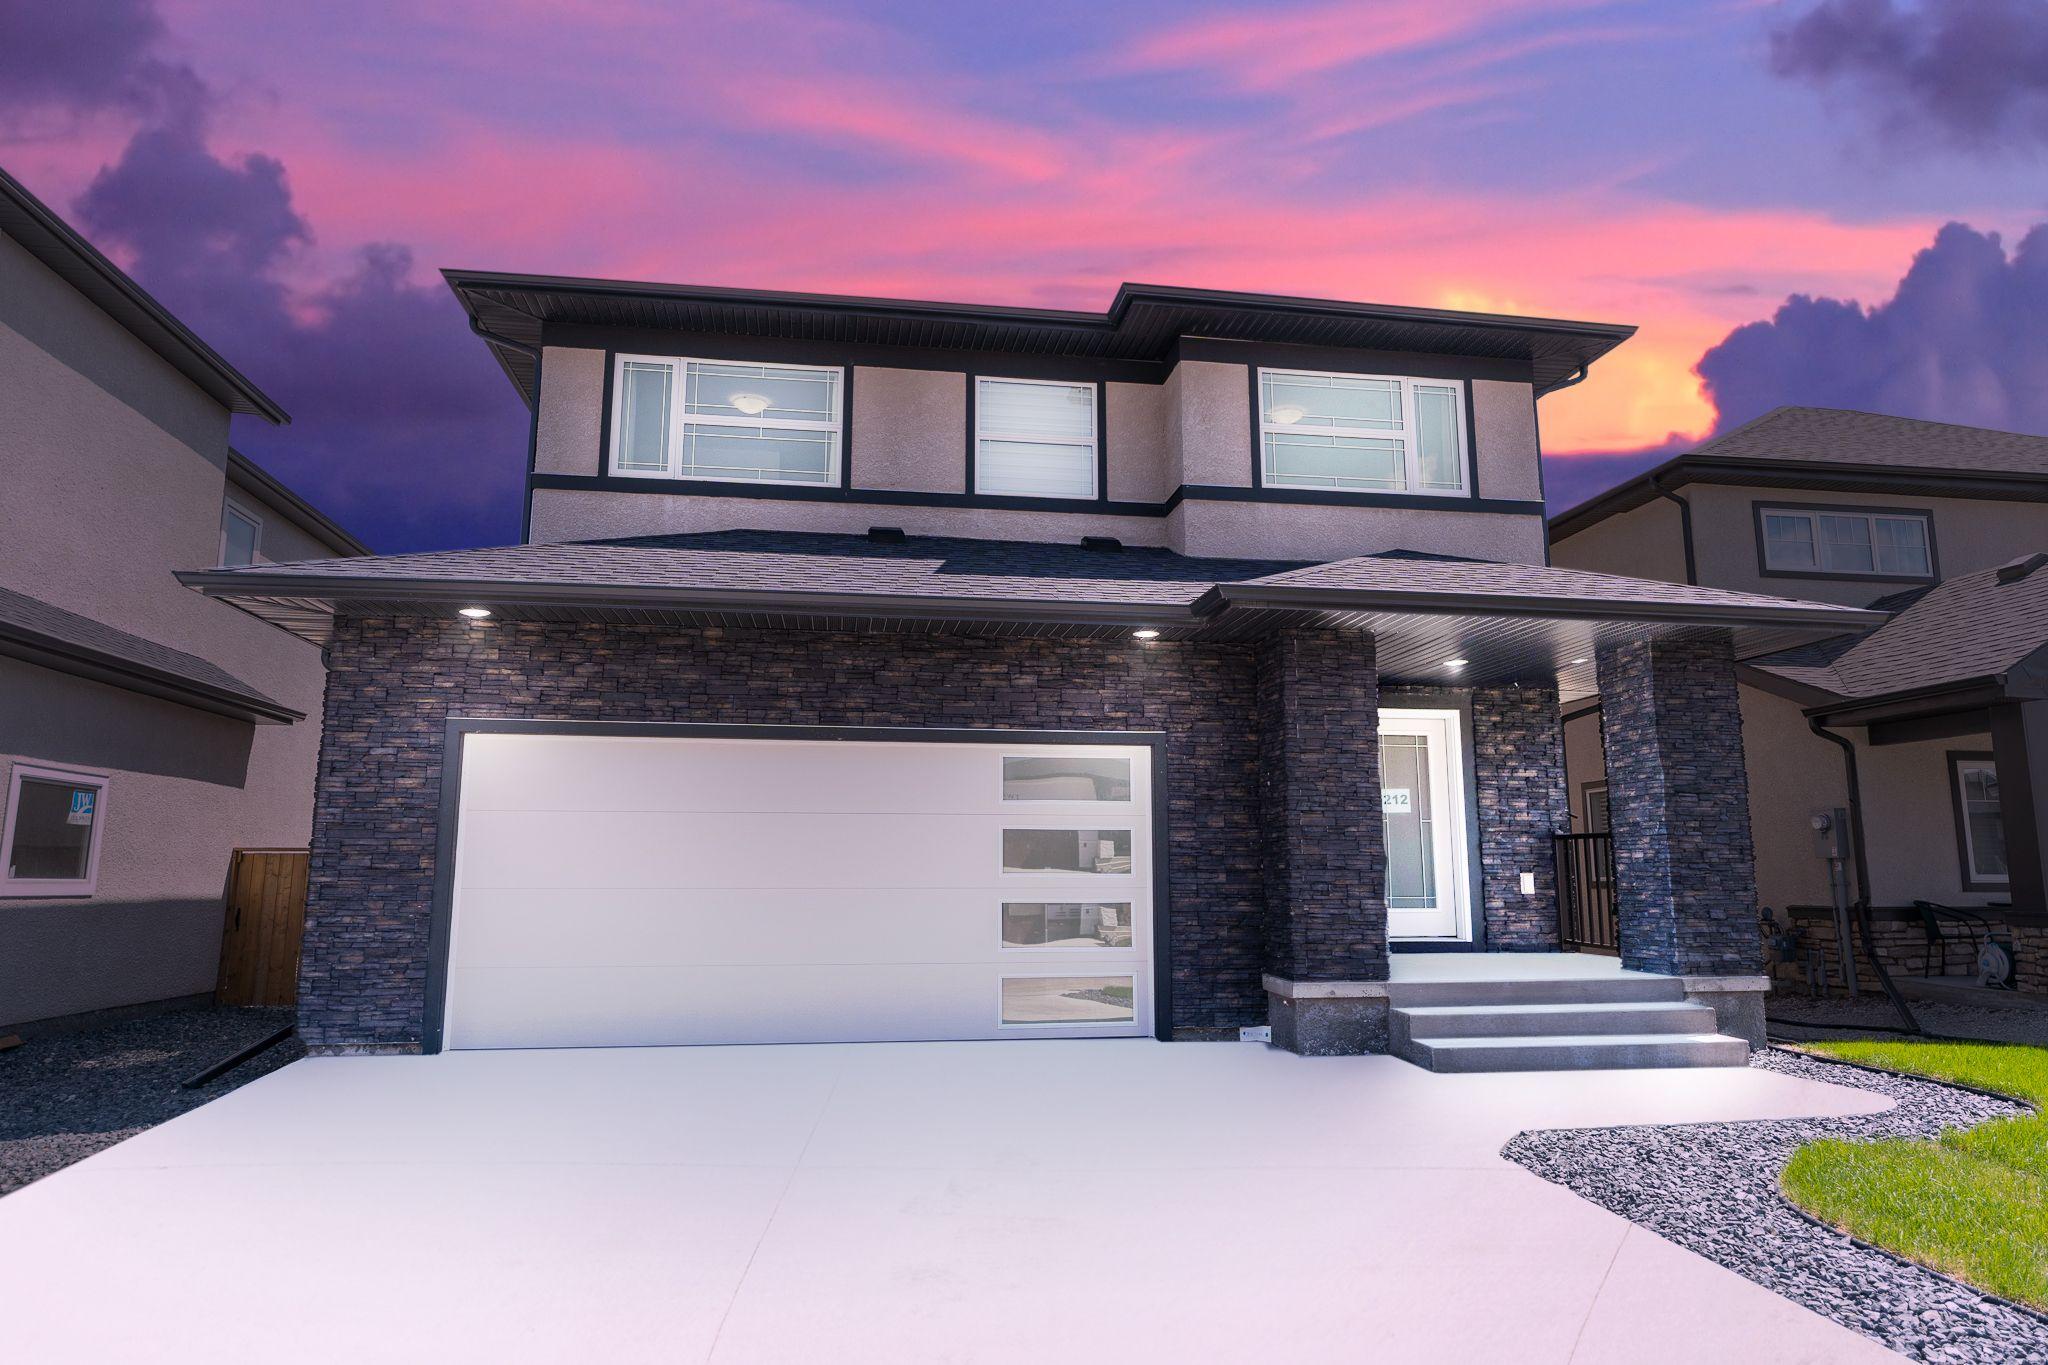 Main Photo: 212 Creekside Road in Winnipeg: Bridgwater Lakes Residential for sale (1R)  : MLS®# 202112826